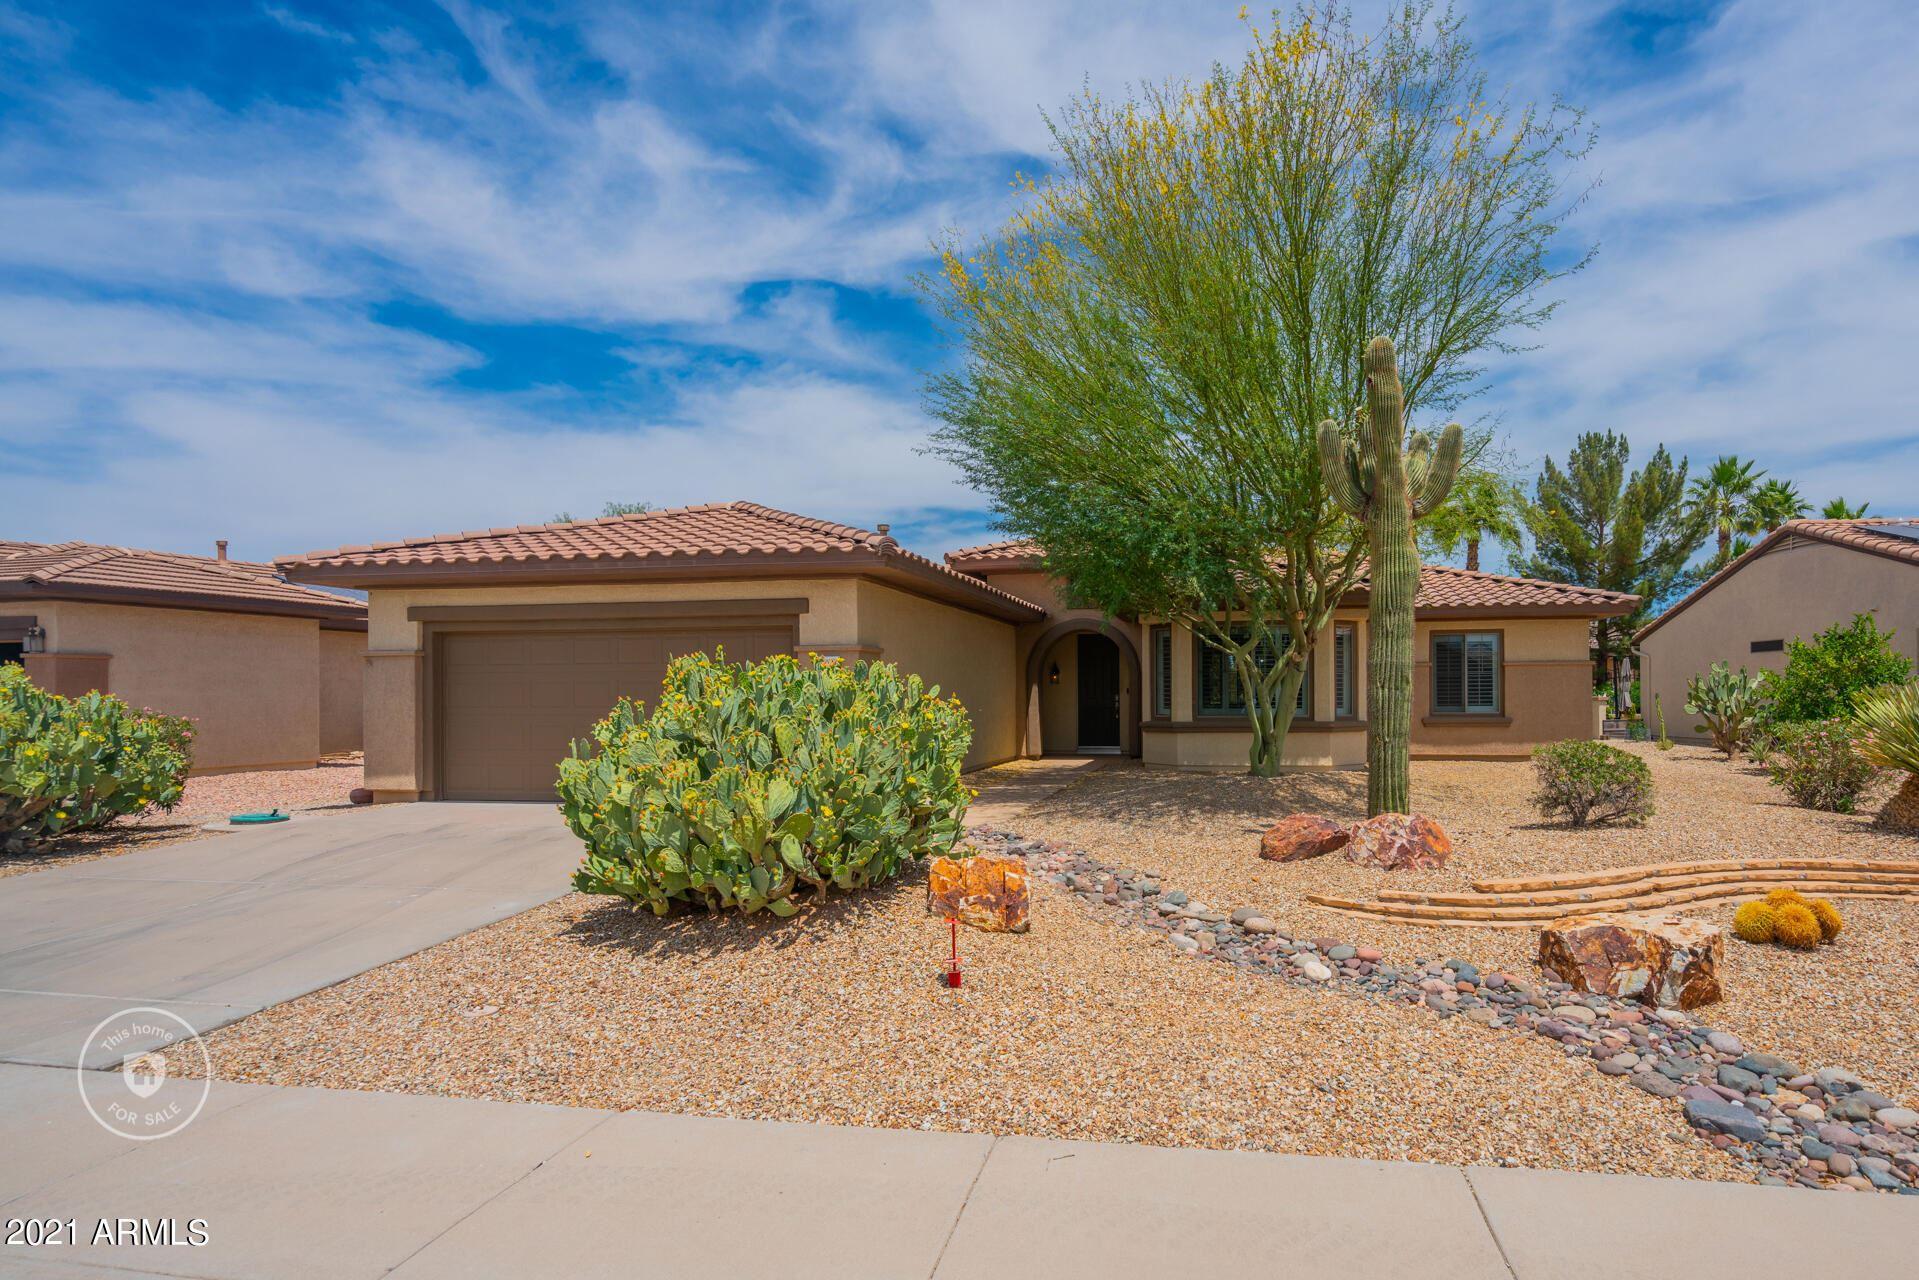 15046 W COOPERSTOWN Way, Surprise, AZ 85374 - MLS#: 6241373